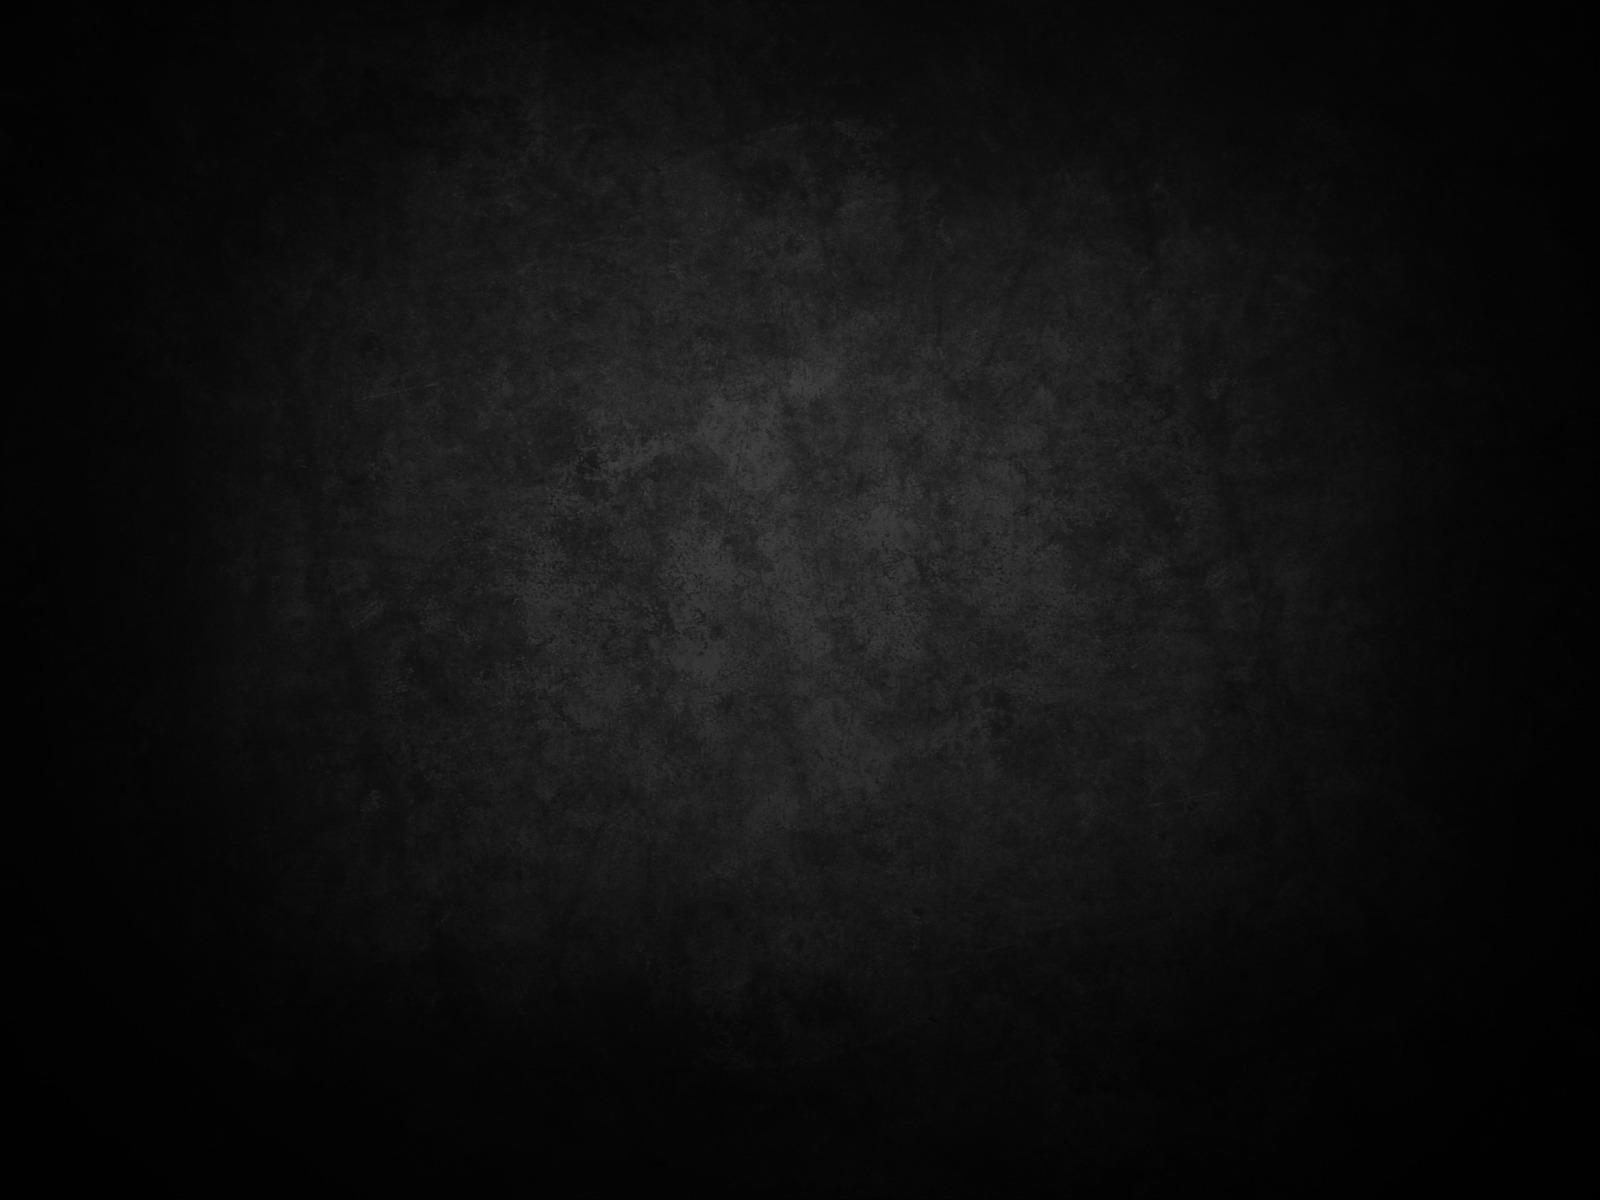 بالصور خلفية سوداء سادة , اناقة و فخامة الخلفيات السوداء 1381 2